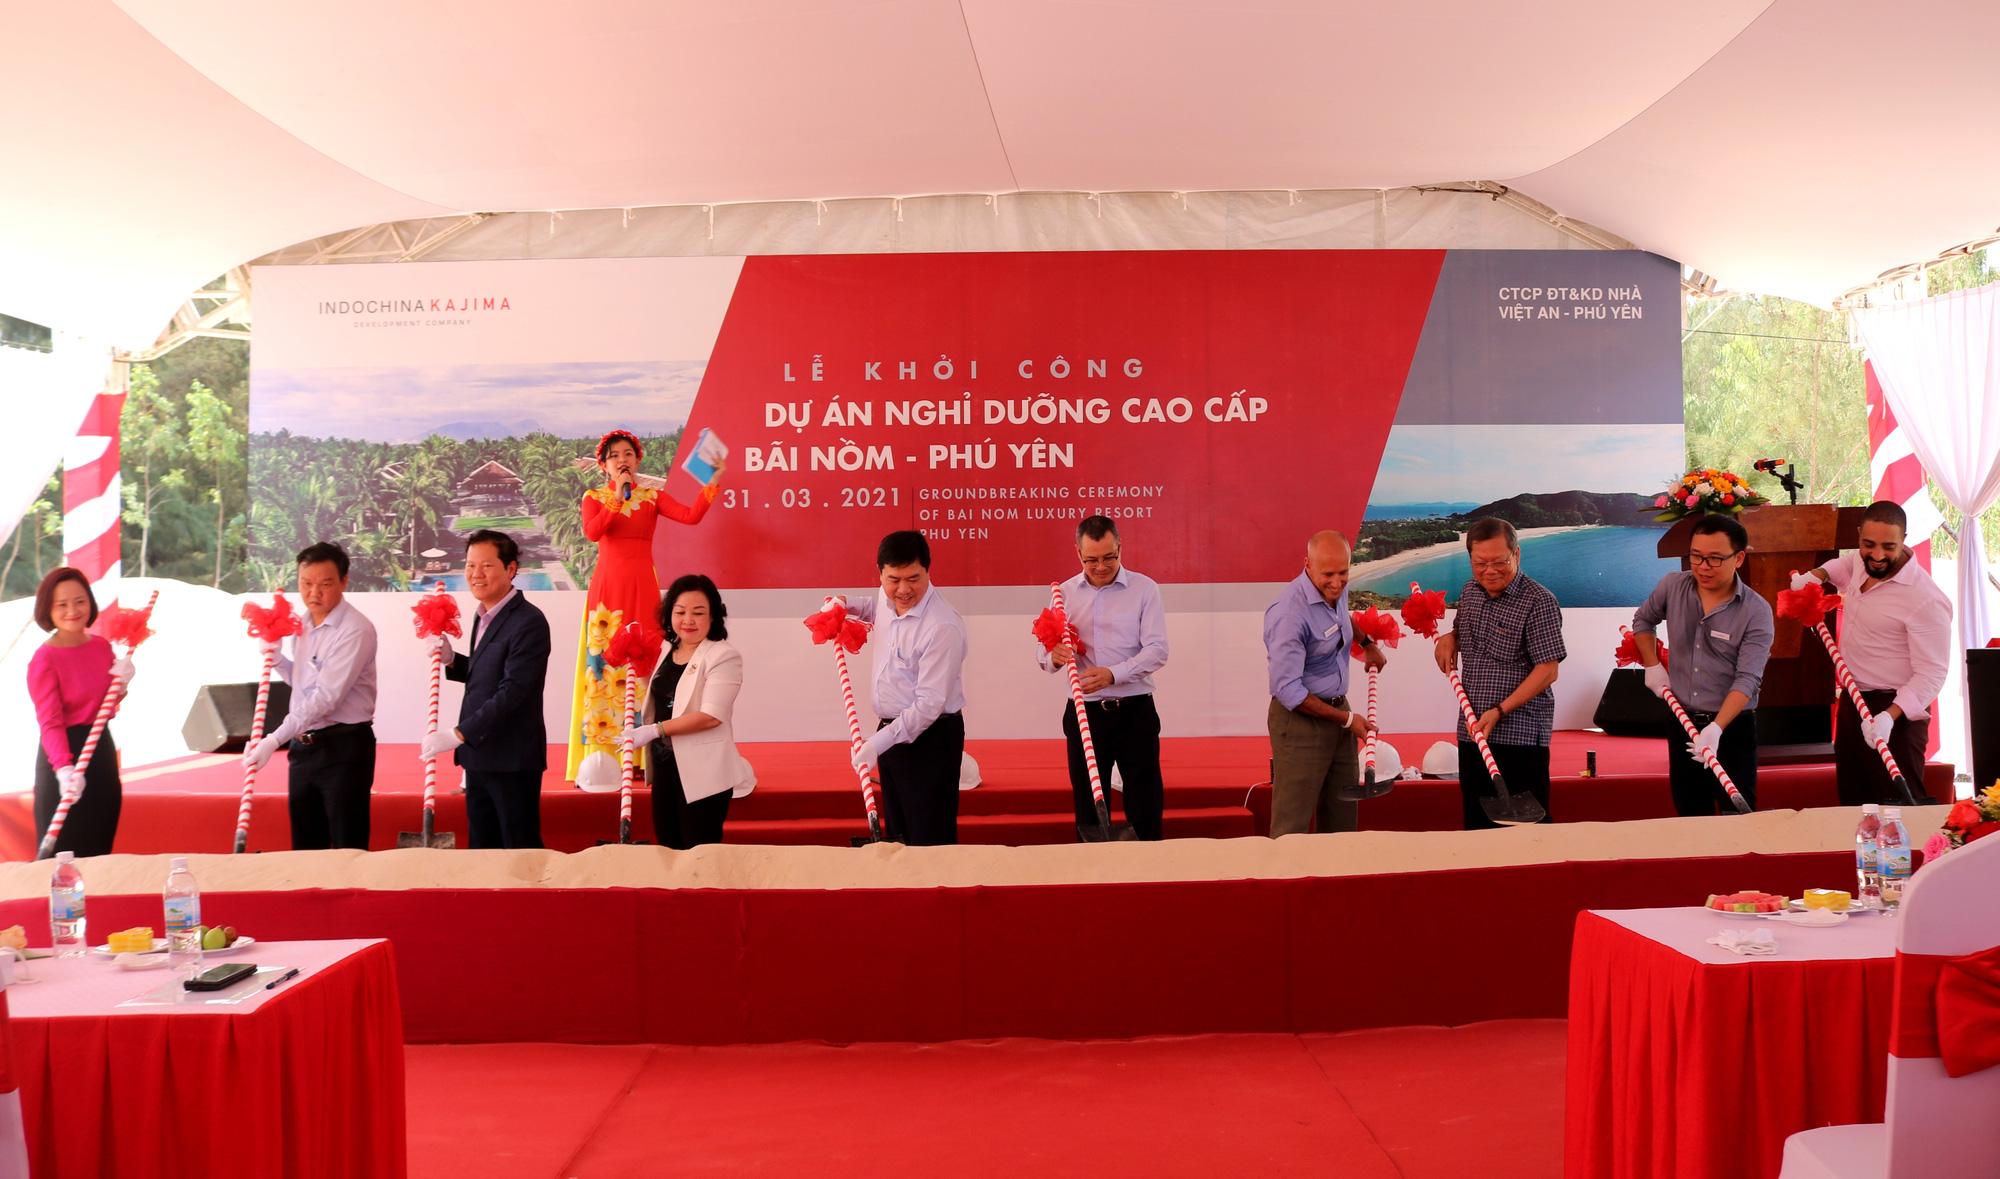 Phú Yên: Khởi công dự án nghỉ dưỡng cao cấp Bãi Nồm - Ảnh 2.